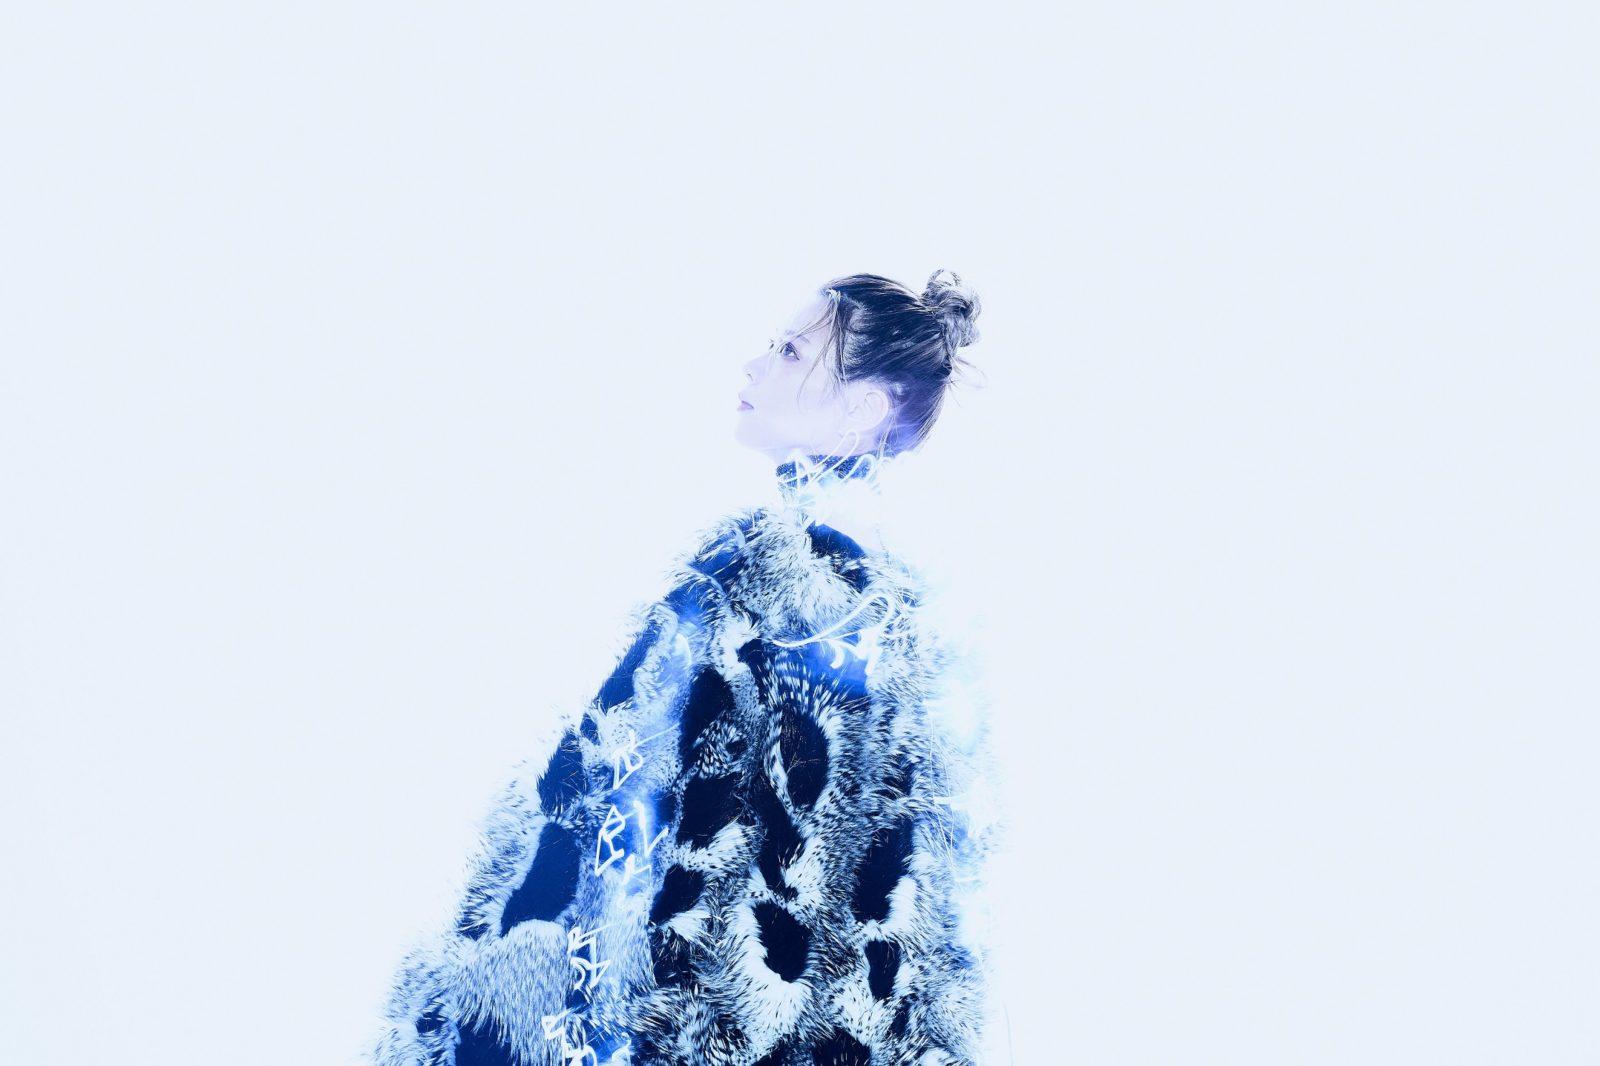 ロザリーナ、12月公開『映画 えんとつ町のプペル』でED主題歌に大抜擢サムネイル画像